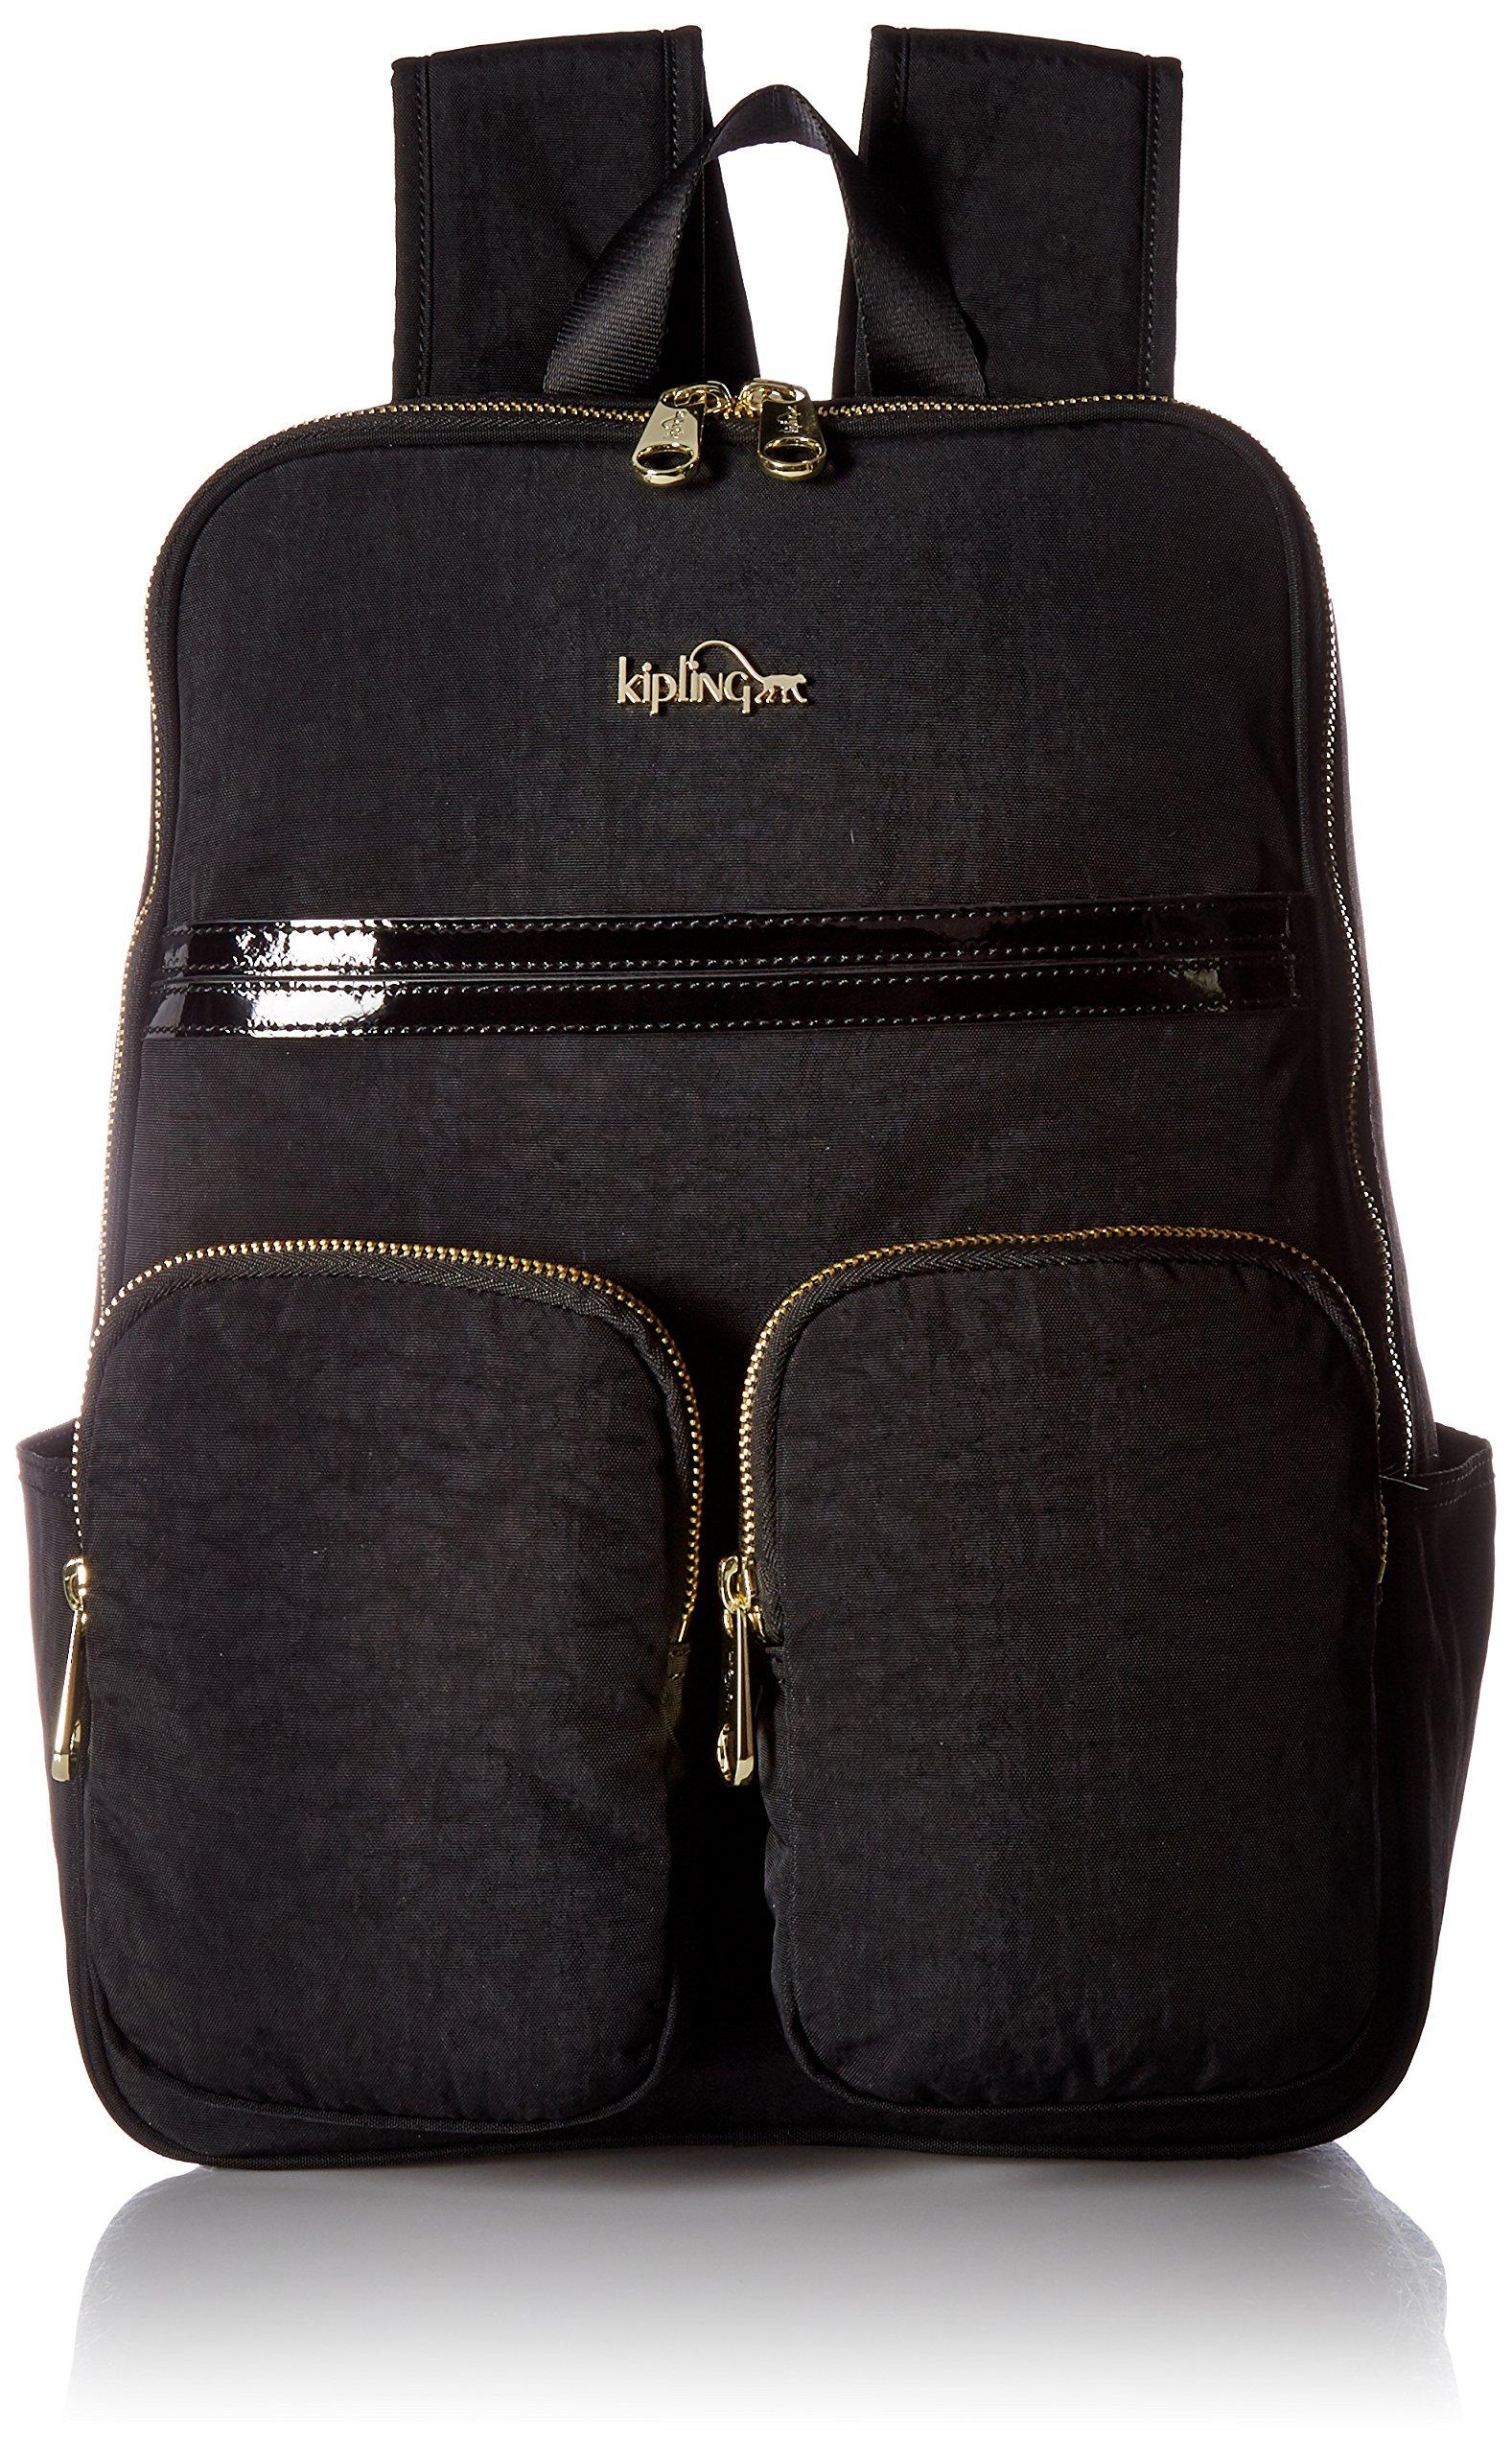 Kipling Sandra Black Patent Combo Laptop Backpack, BLKPNTCMBO